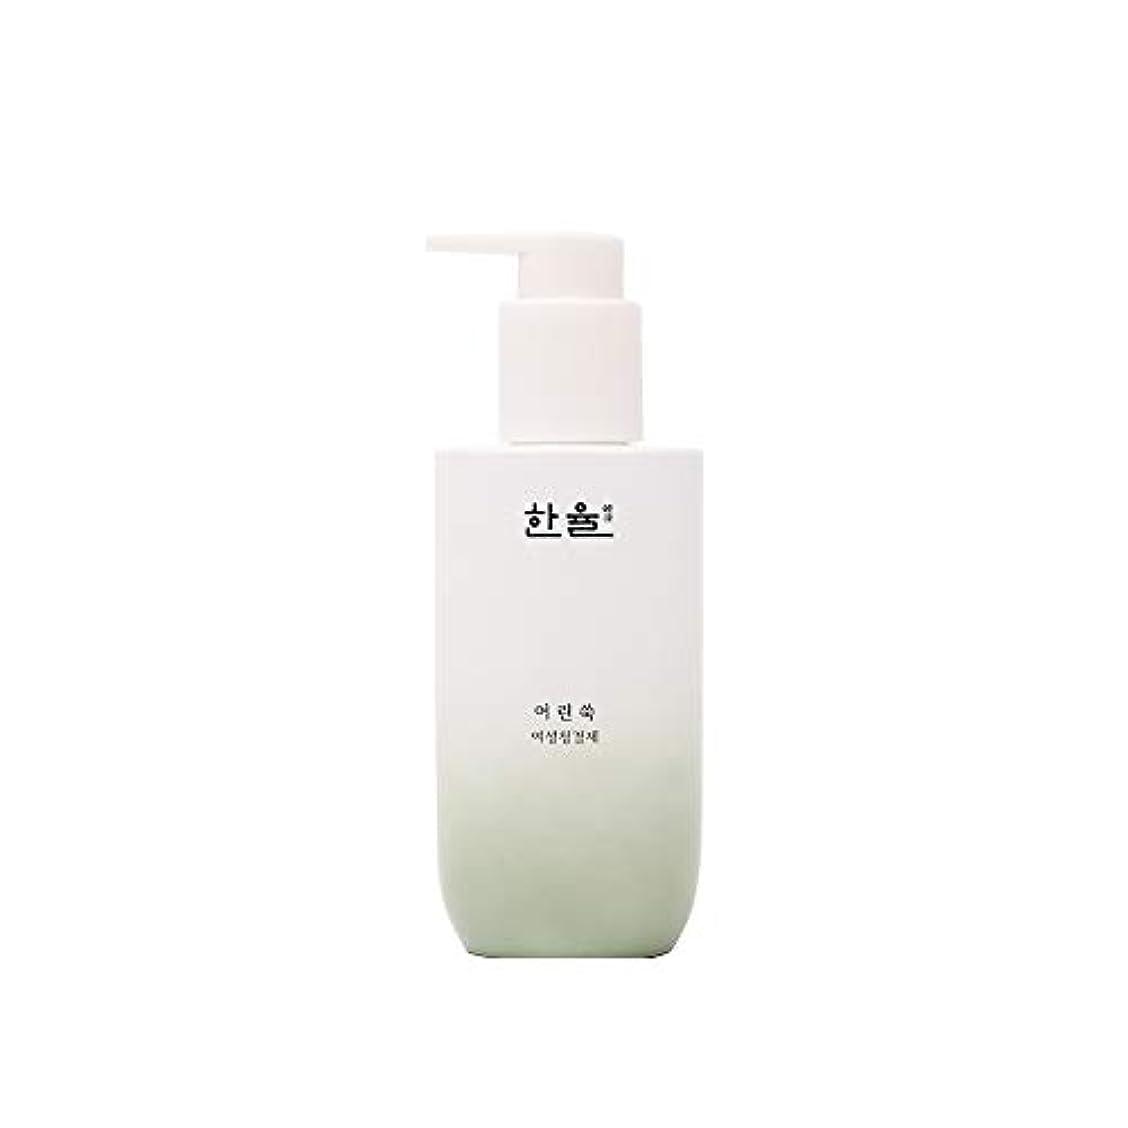 アミューズ裁判所ギャップ【HANYUL公式】 ハンユル フェミニンケアジェル 200ml / Hanyul Pure Artemisia Feminine care gel 200ml